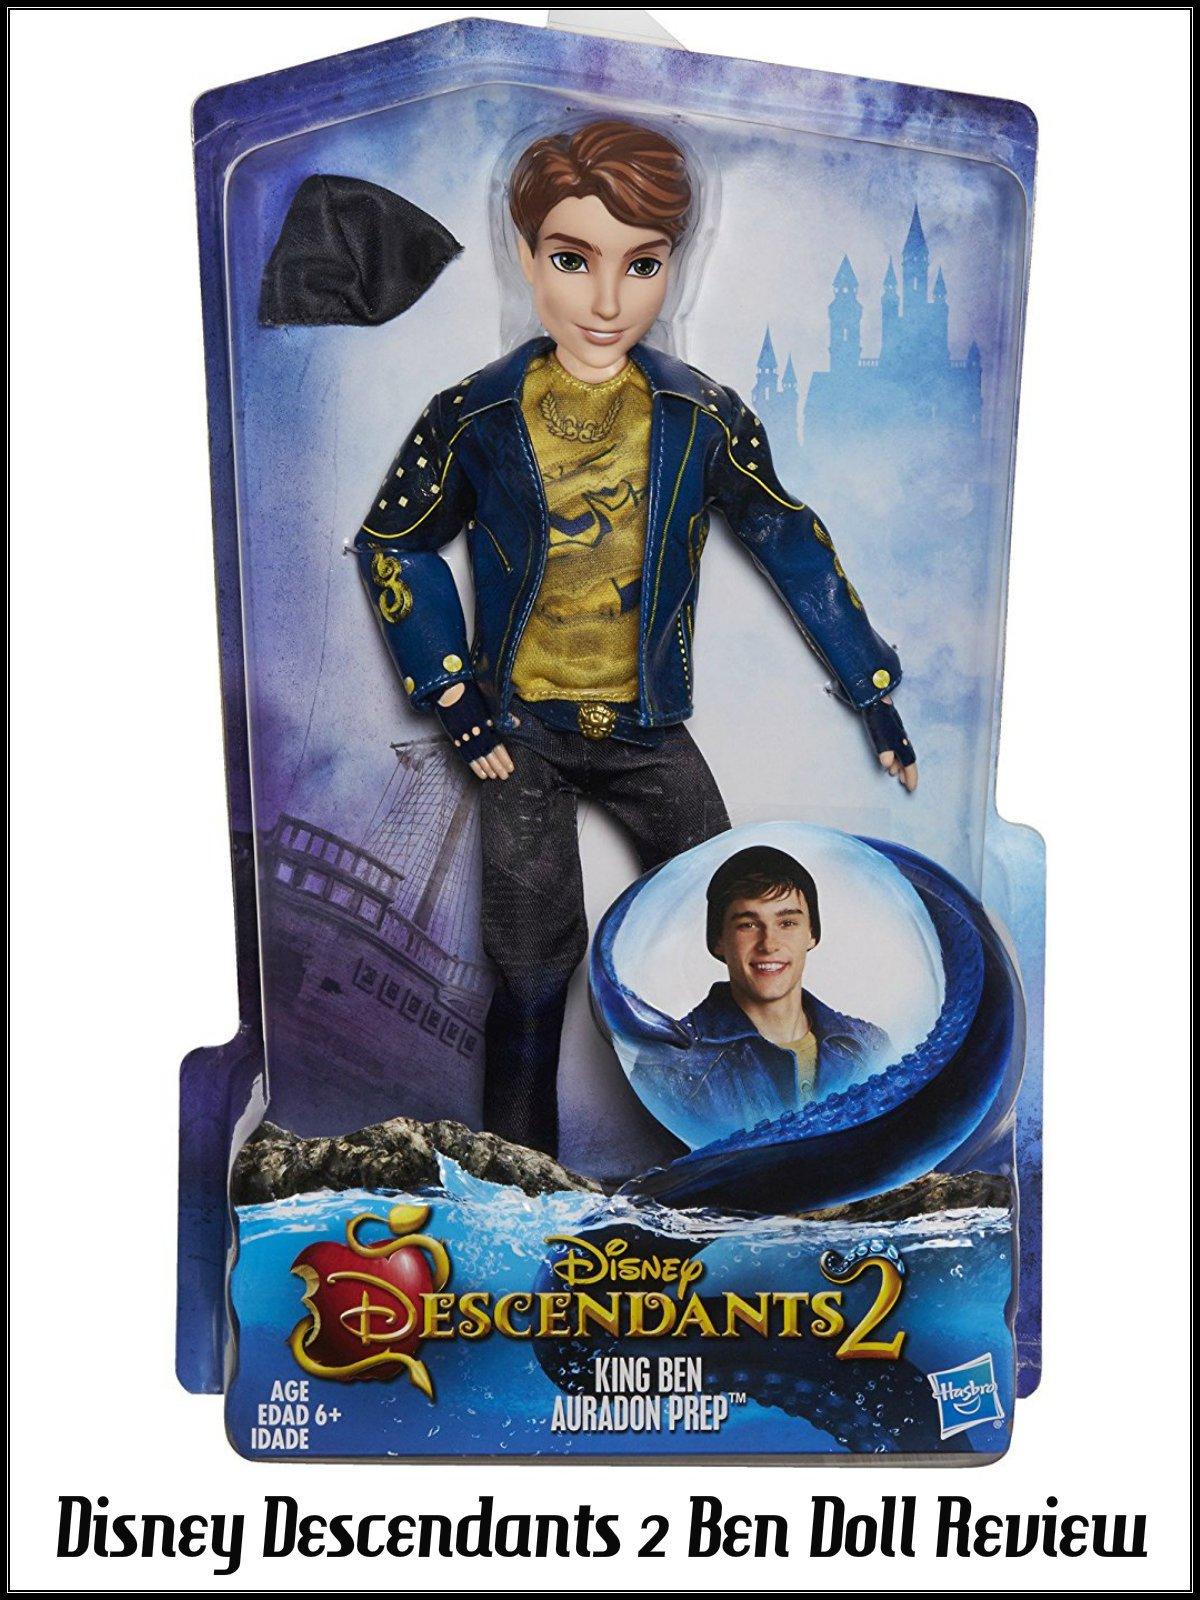 Review: Disney Descendants 2 Ben Doll Review